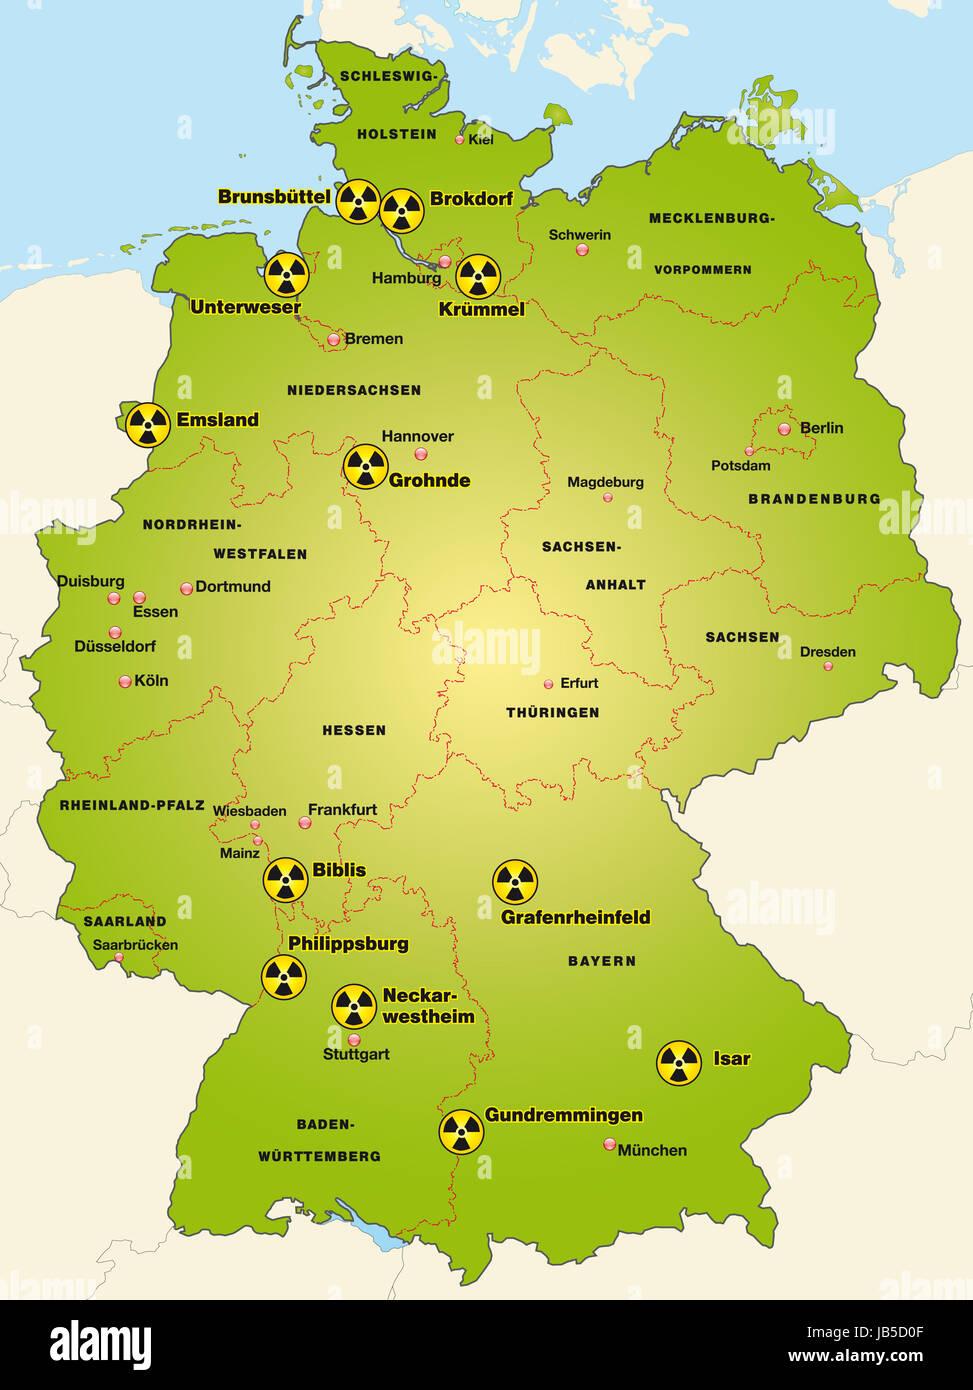 Deutschlandkarte Stockfotos & Deutschlandkarte Bilder - Alamy - Atomkraftwerke In Deutschland Karte